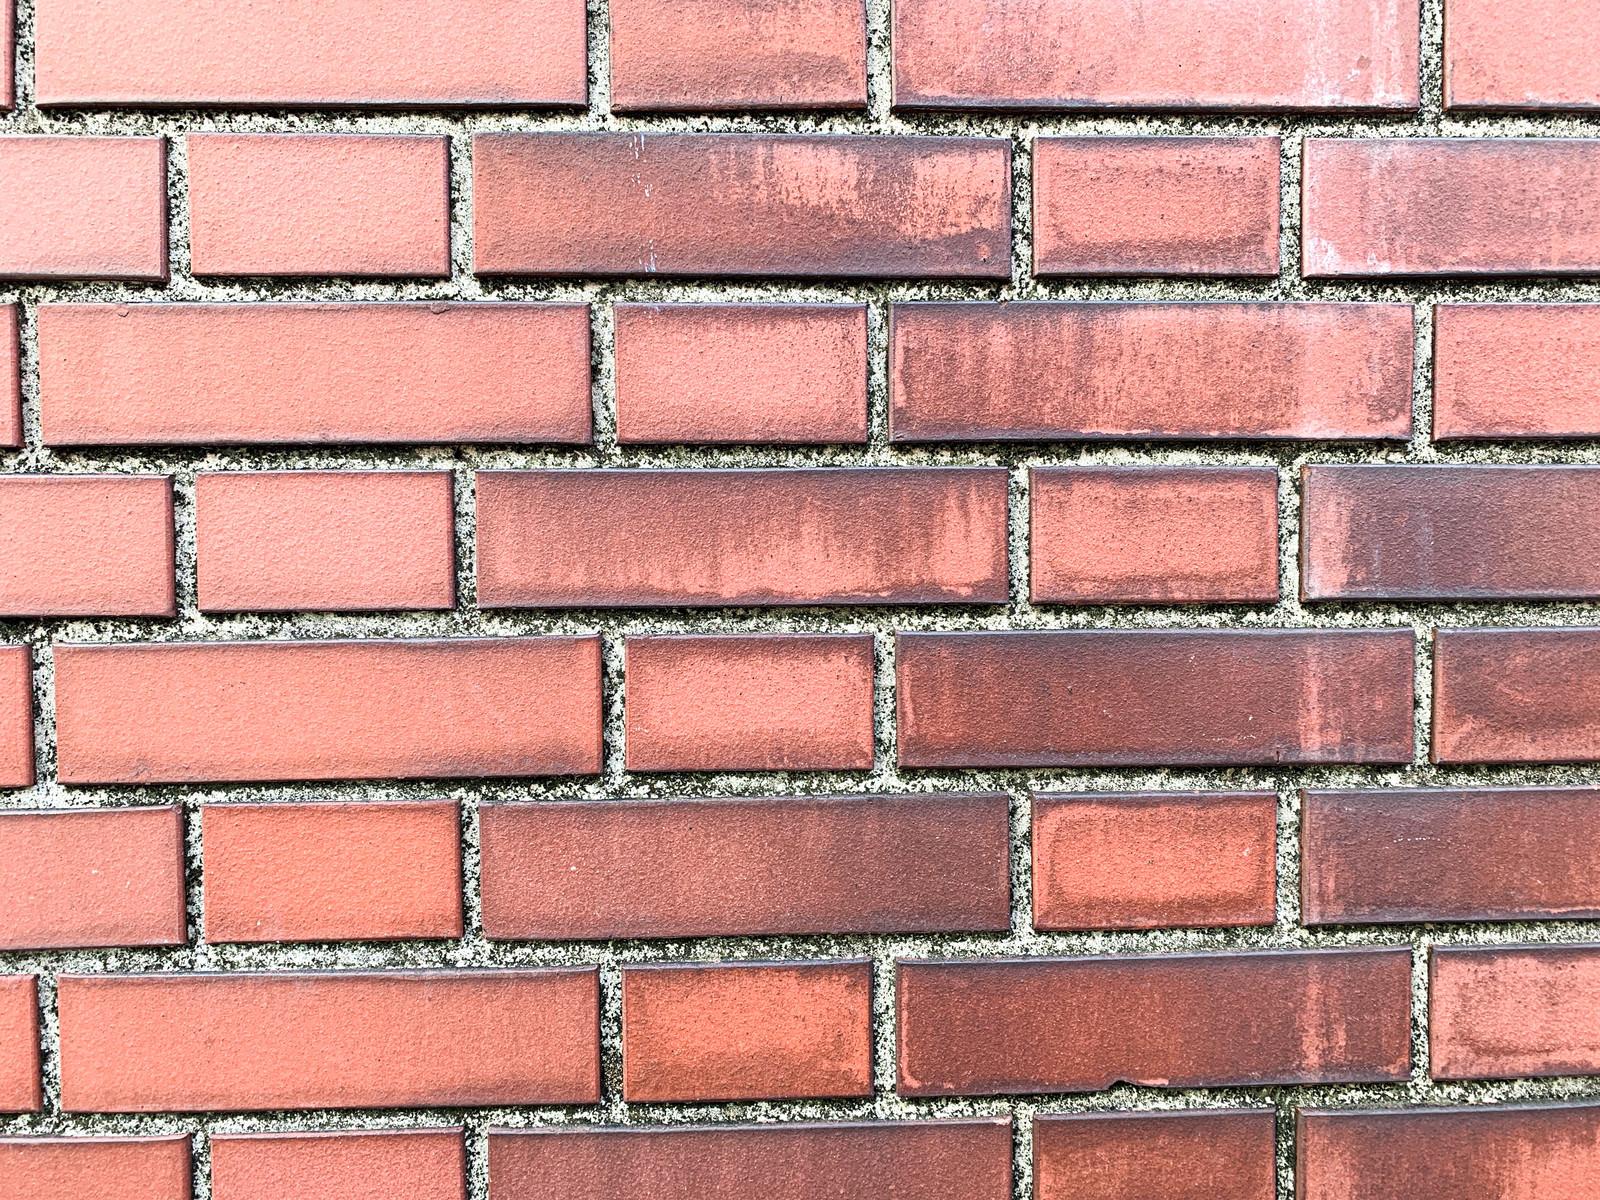 「溝の黒ずみが目立つ赤レンガ(テクスチャ)」の写真